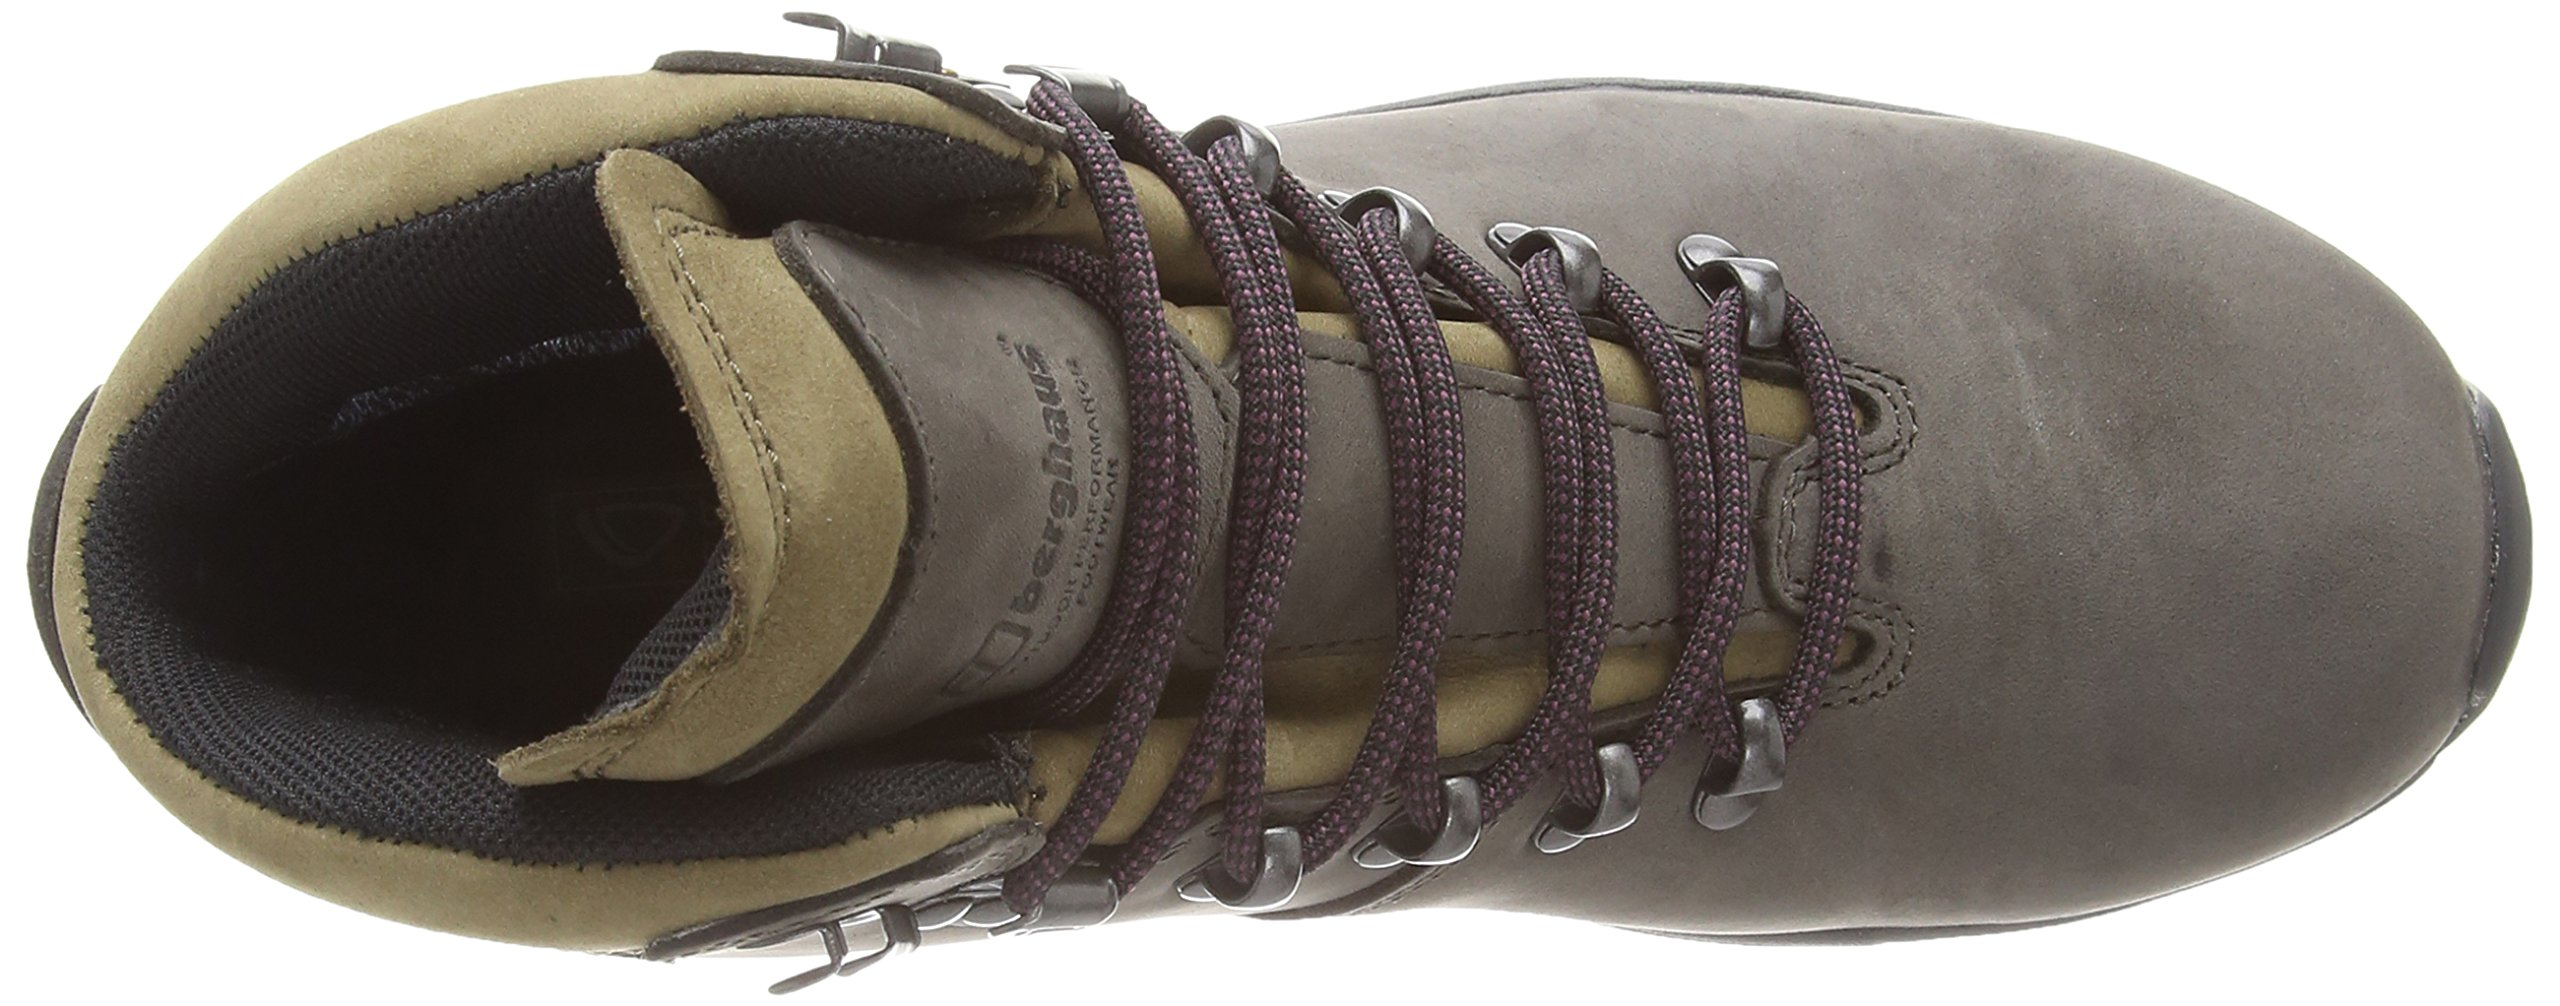 Berghaus Women's Fellmaster Gore-Tex Walking Boots 8